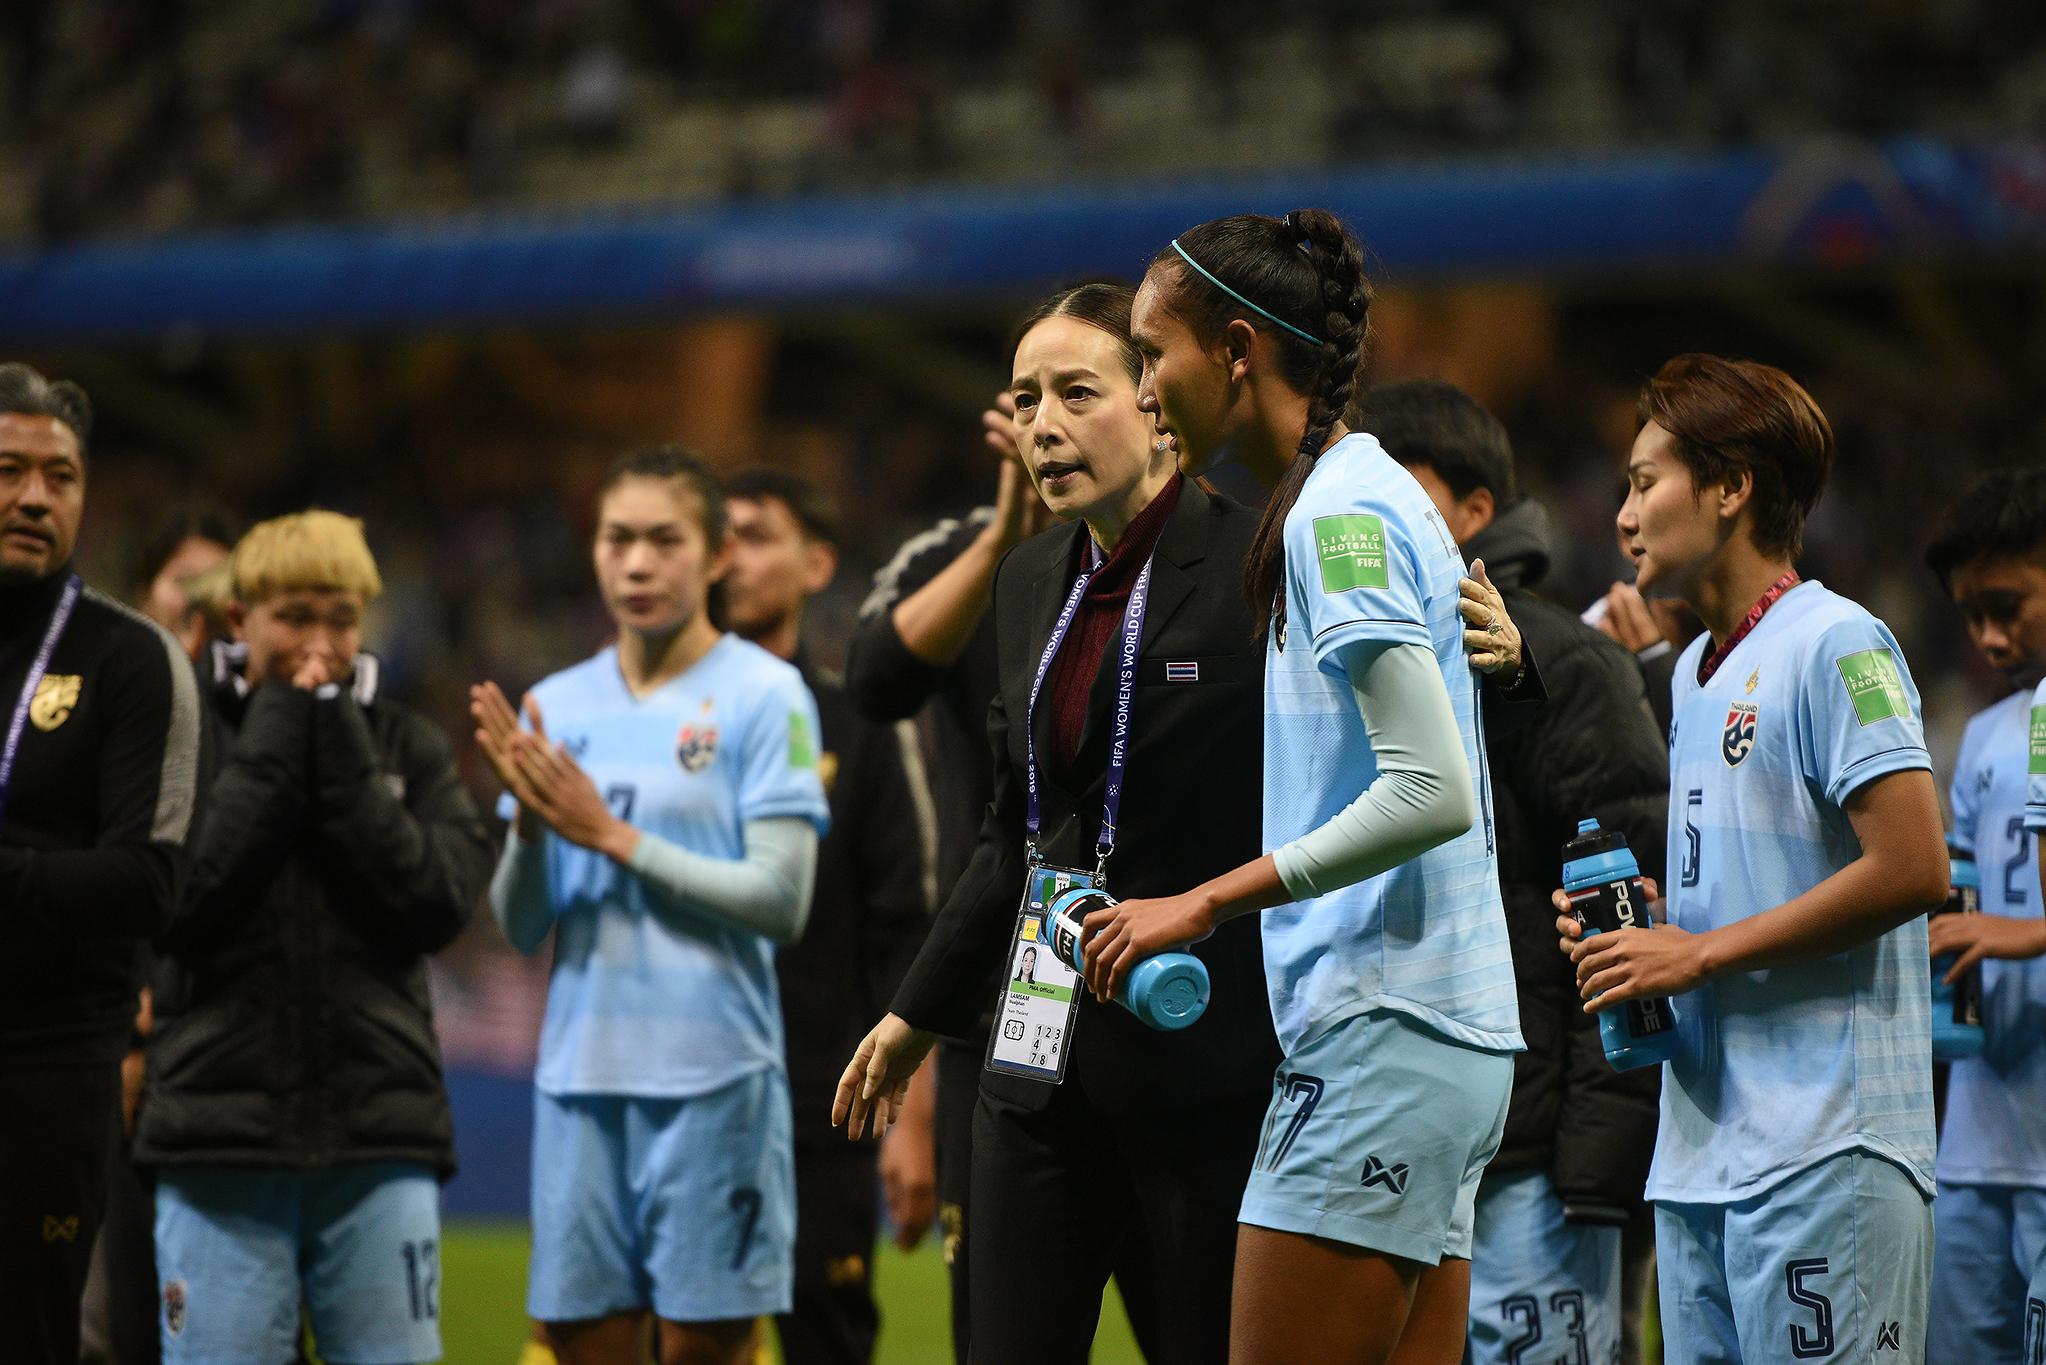 ทีมสหรัฐอเมริกา นวลพรรณ ล่ำซำ ฟุตบอลหญิงชิงแชมป์โลก 2019 ฟุตบอลหญิงทีมชาติไทย